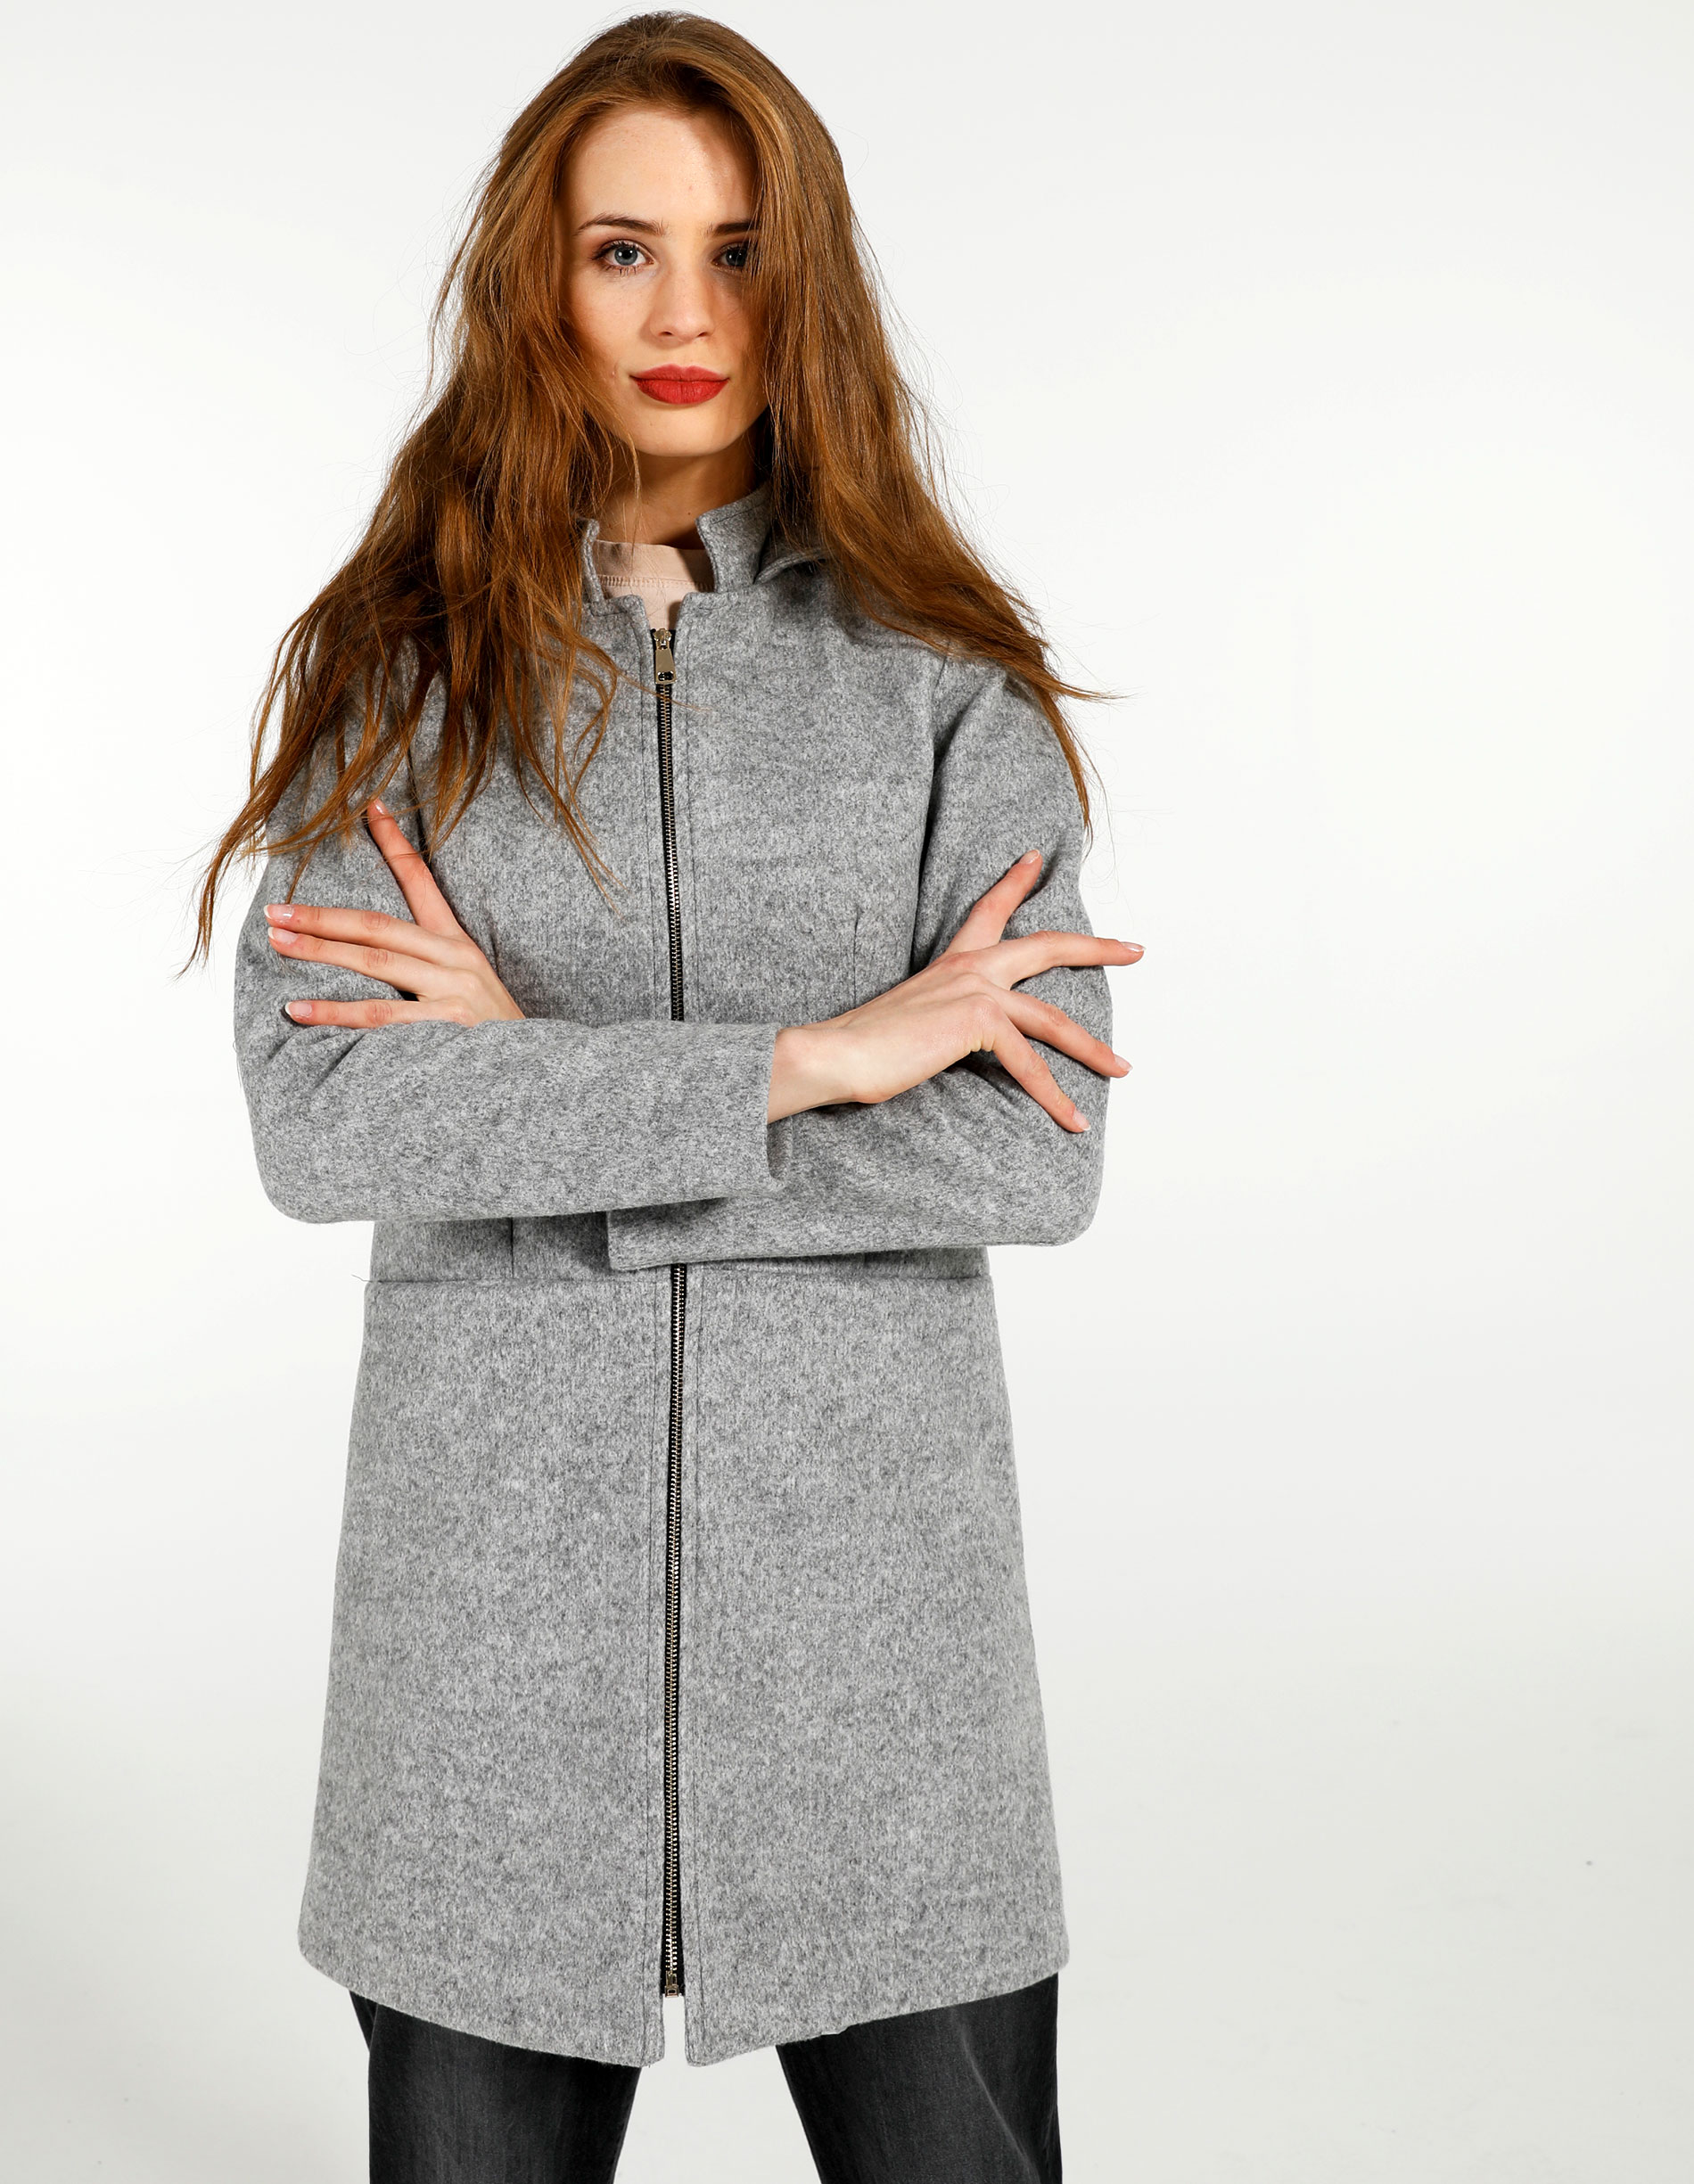 Płaszcz materiałowy - 140-0561 GRCH - Unisono